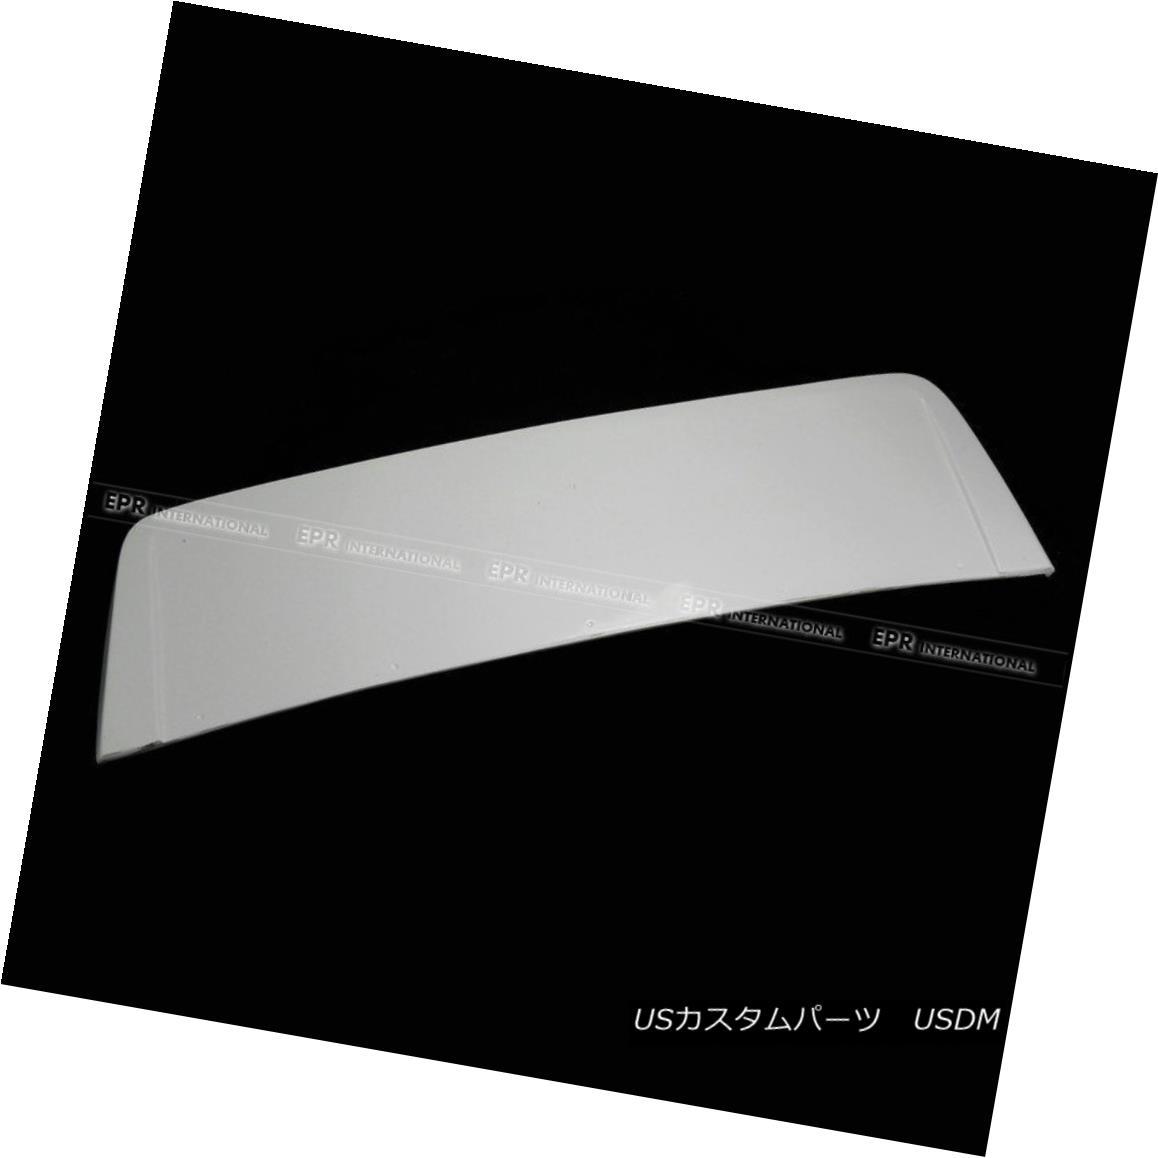 エアロパーツ Rear Trunk Spoiler Boot Wing For AE86 Levin Corolla Hatchback DM Style FRP Fiber AE86レビンカローラハッチバックDMスタイルFRPファイバー用リアトランクスポイラーブーツウィング